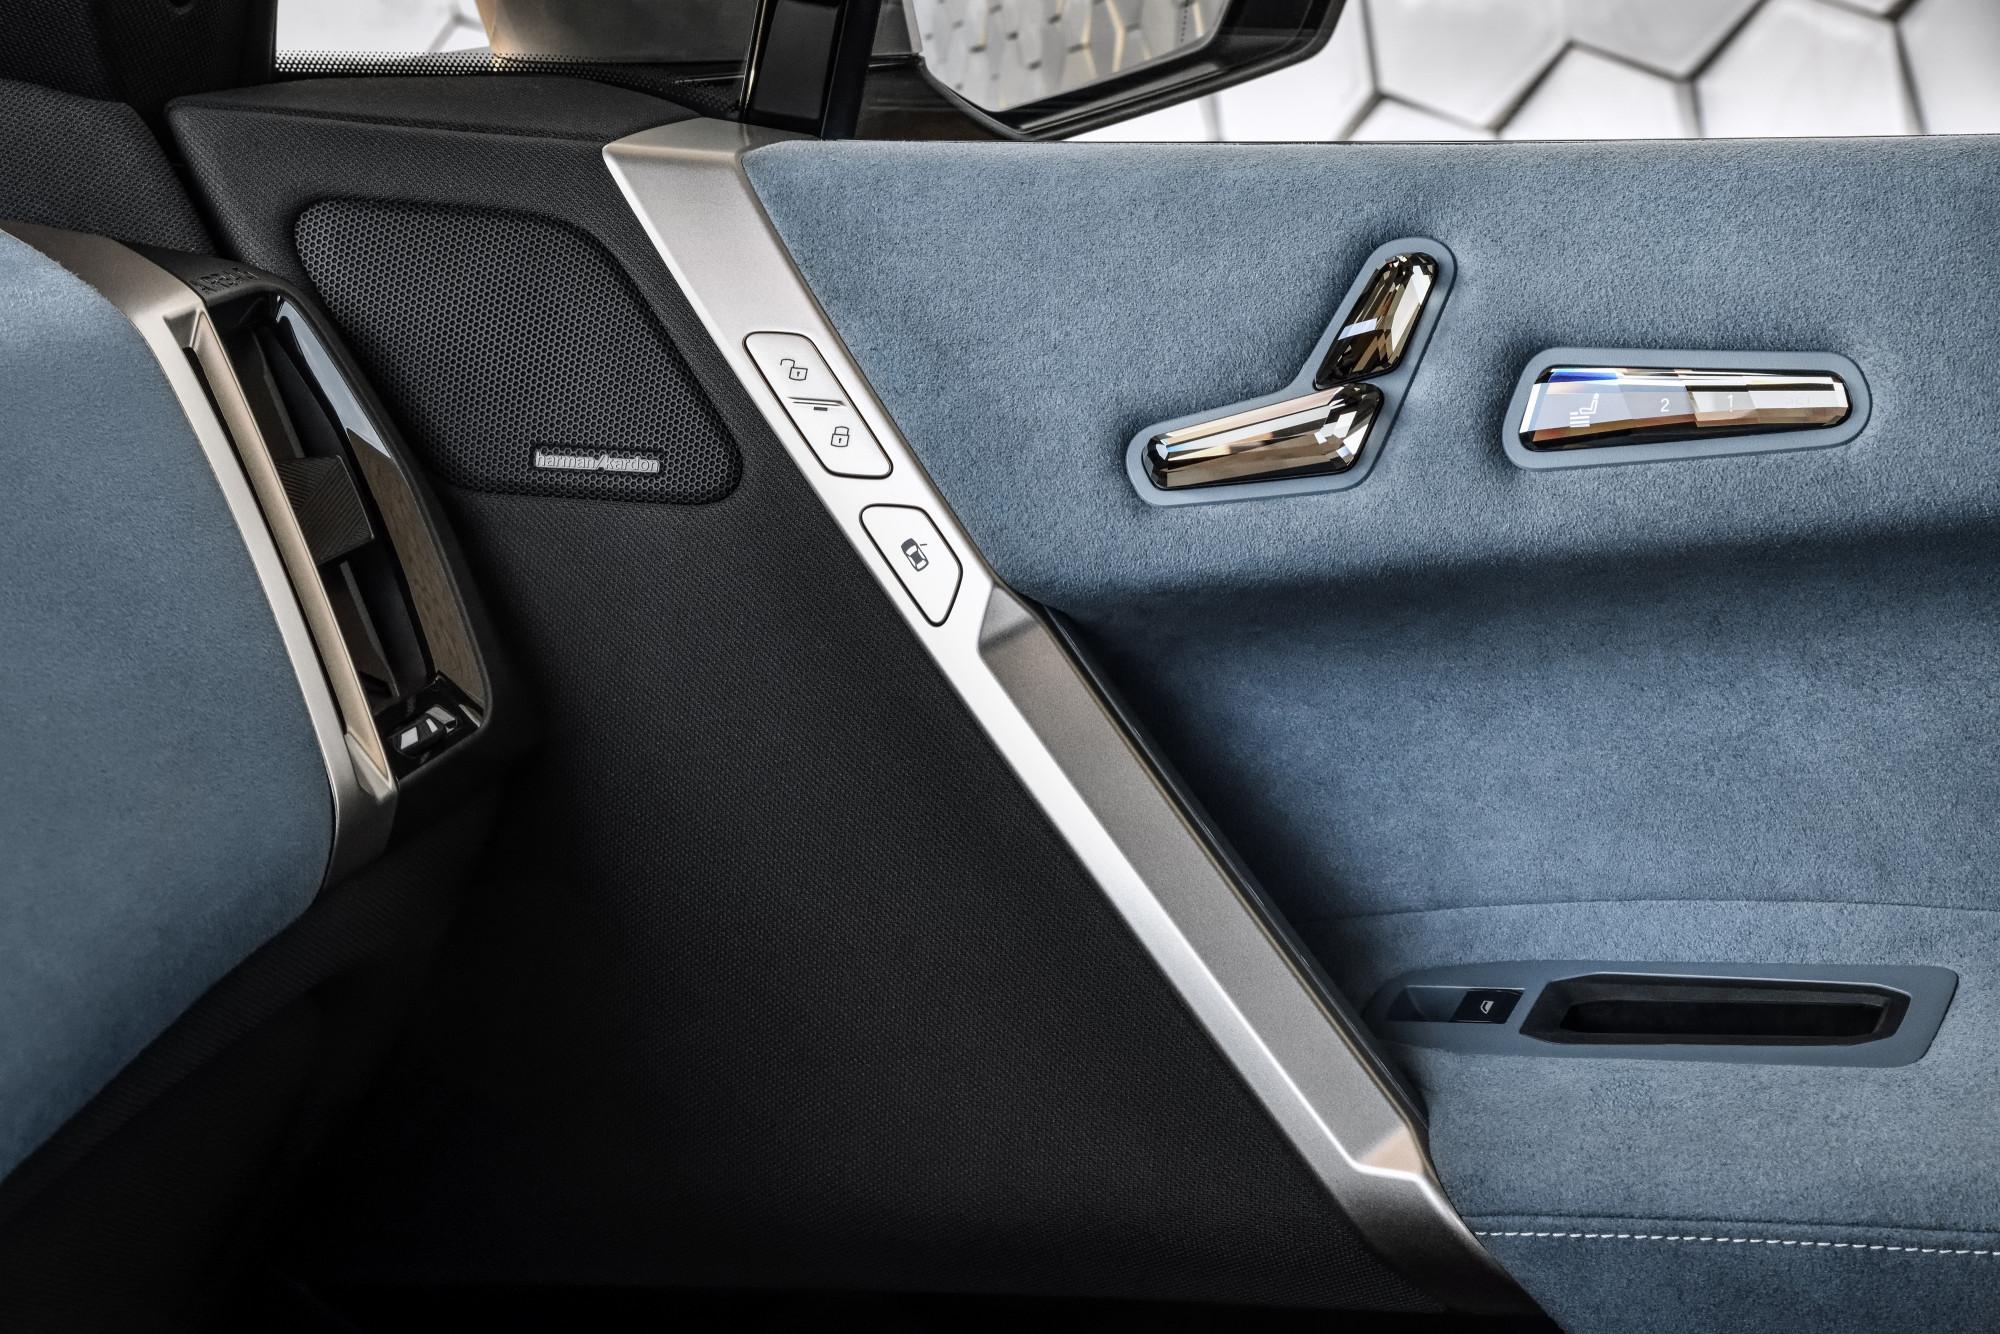 全球首秀!宝马iNEXT量产车定名 iX,明年量产并引进中国